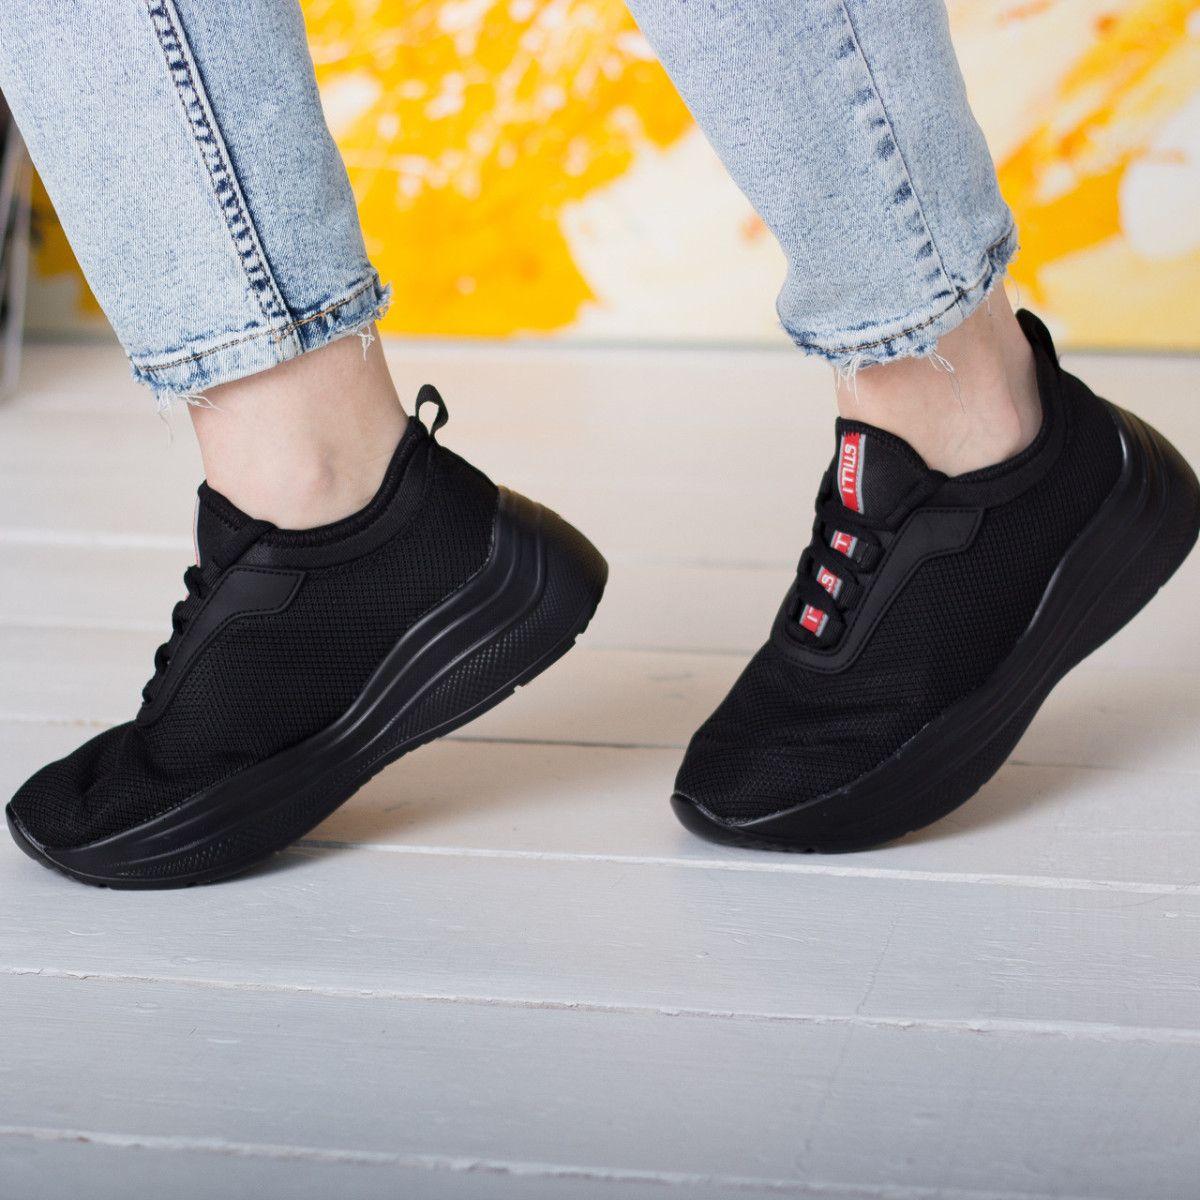 Кроссовки женские Fashion Qantas 2608 36 размер 23,5 см Черные